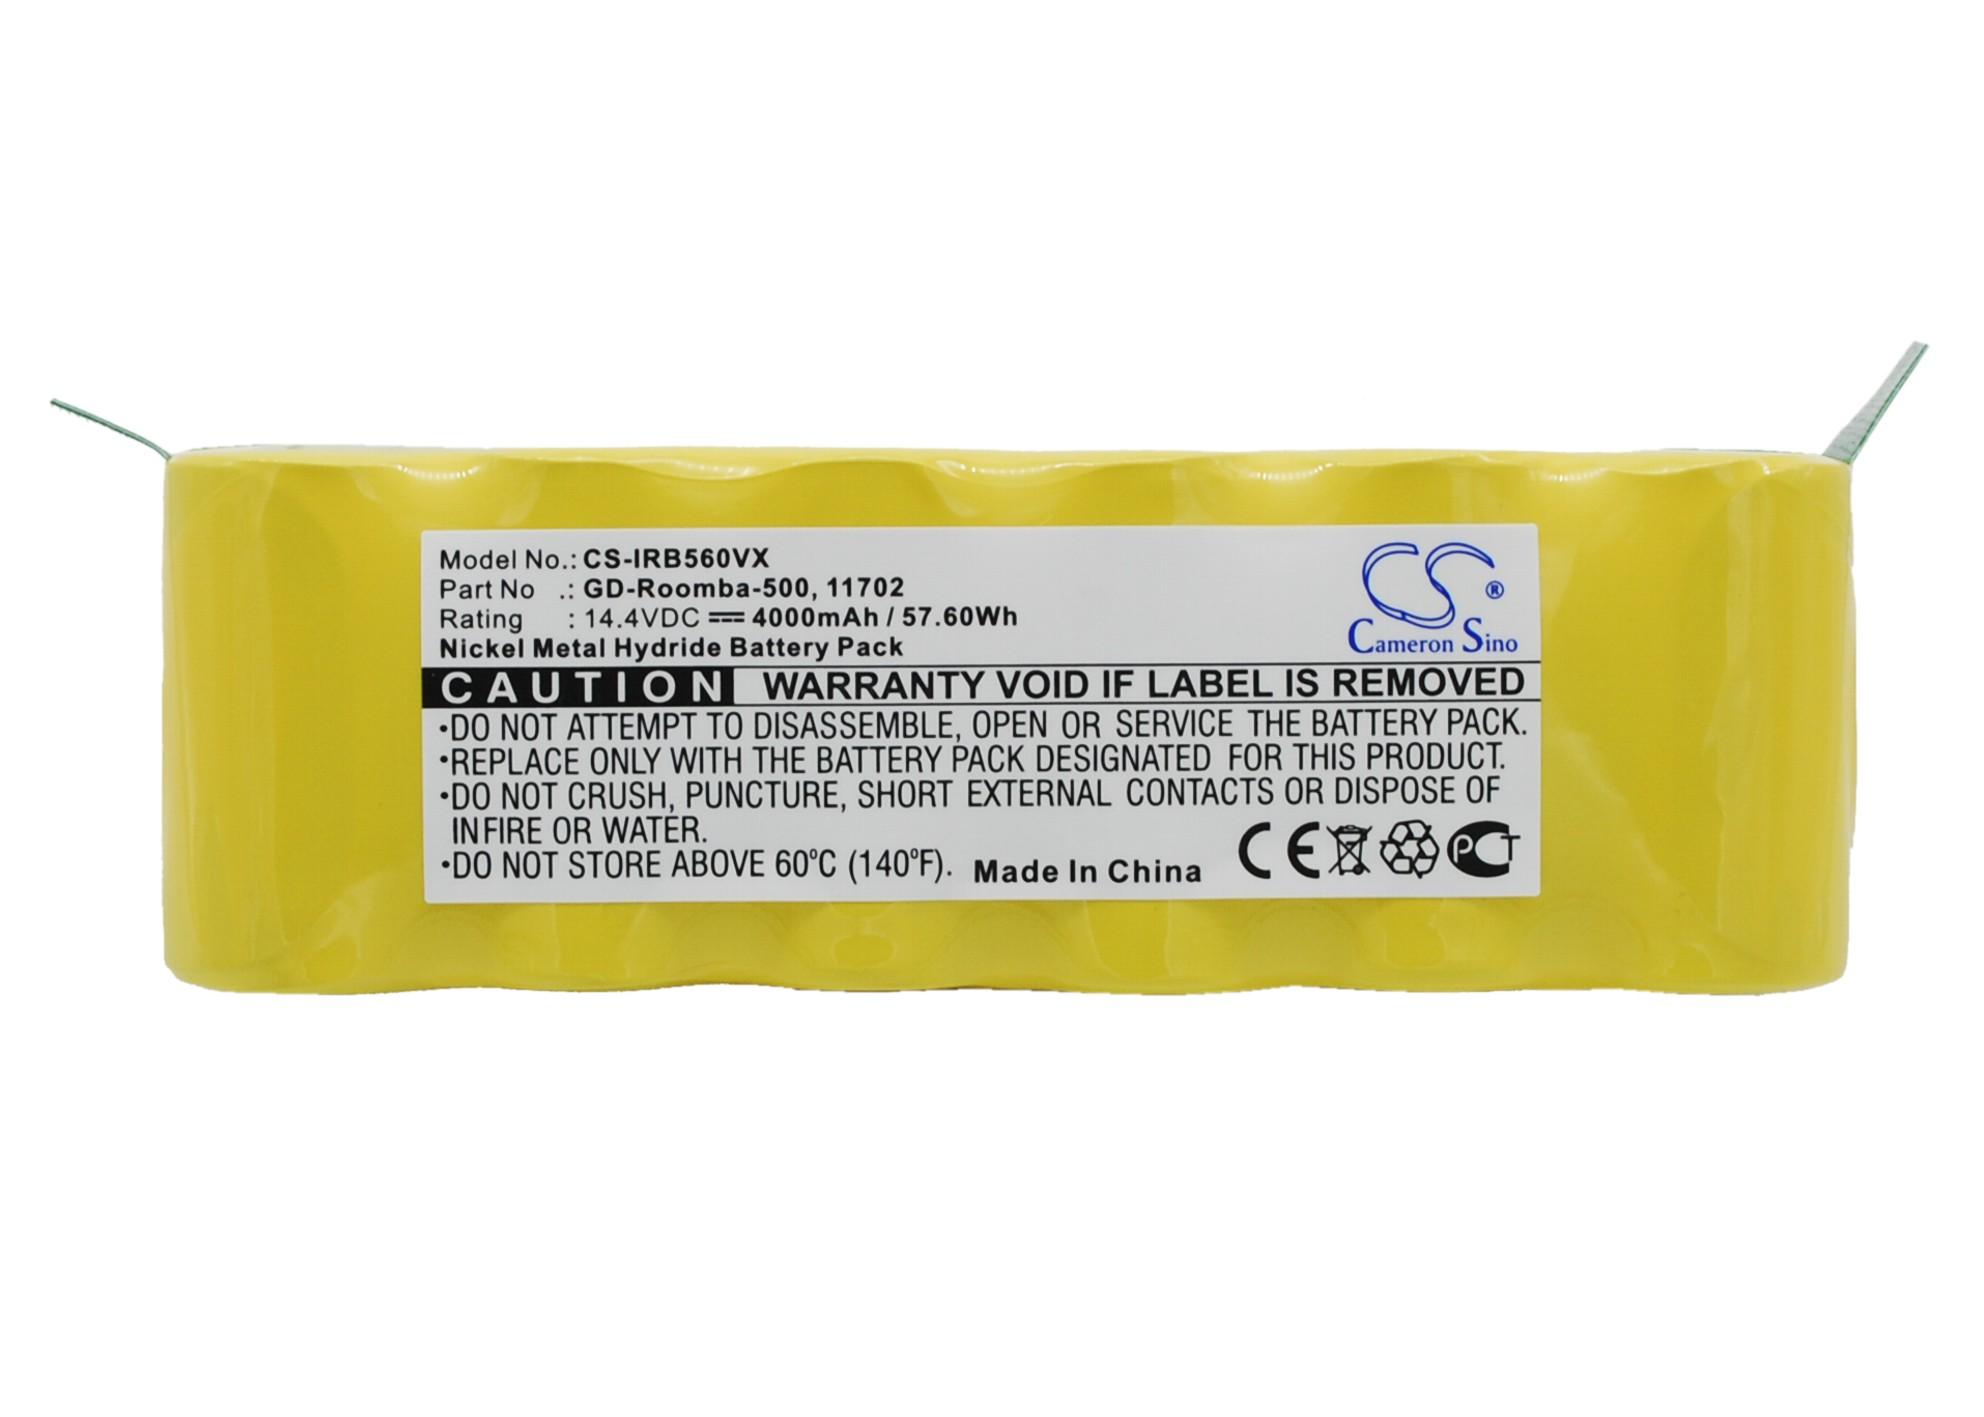 Cameron Sino baterie do vysavačů pro IROBOT Roomba 780 14.4V Ni-MH 4000mAh žlutá - neoriginální